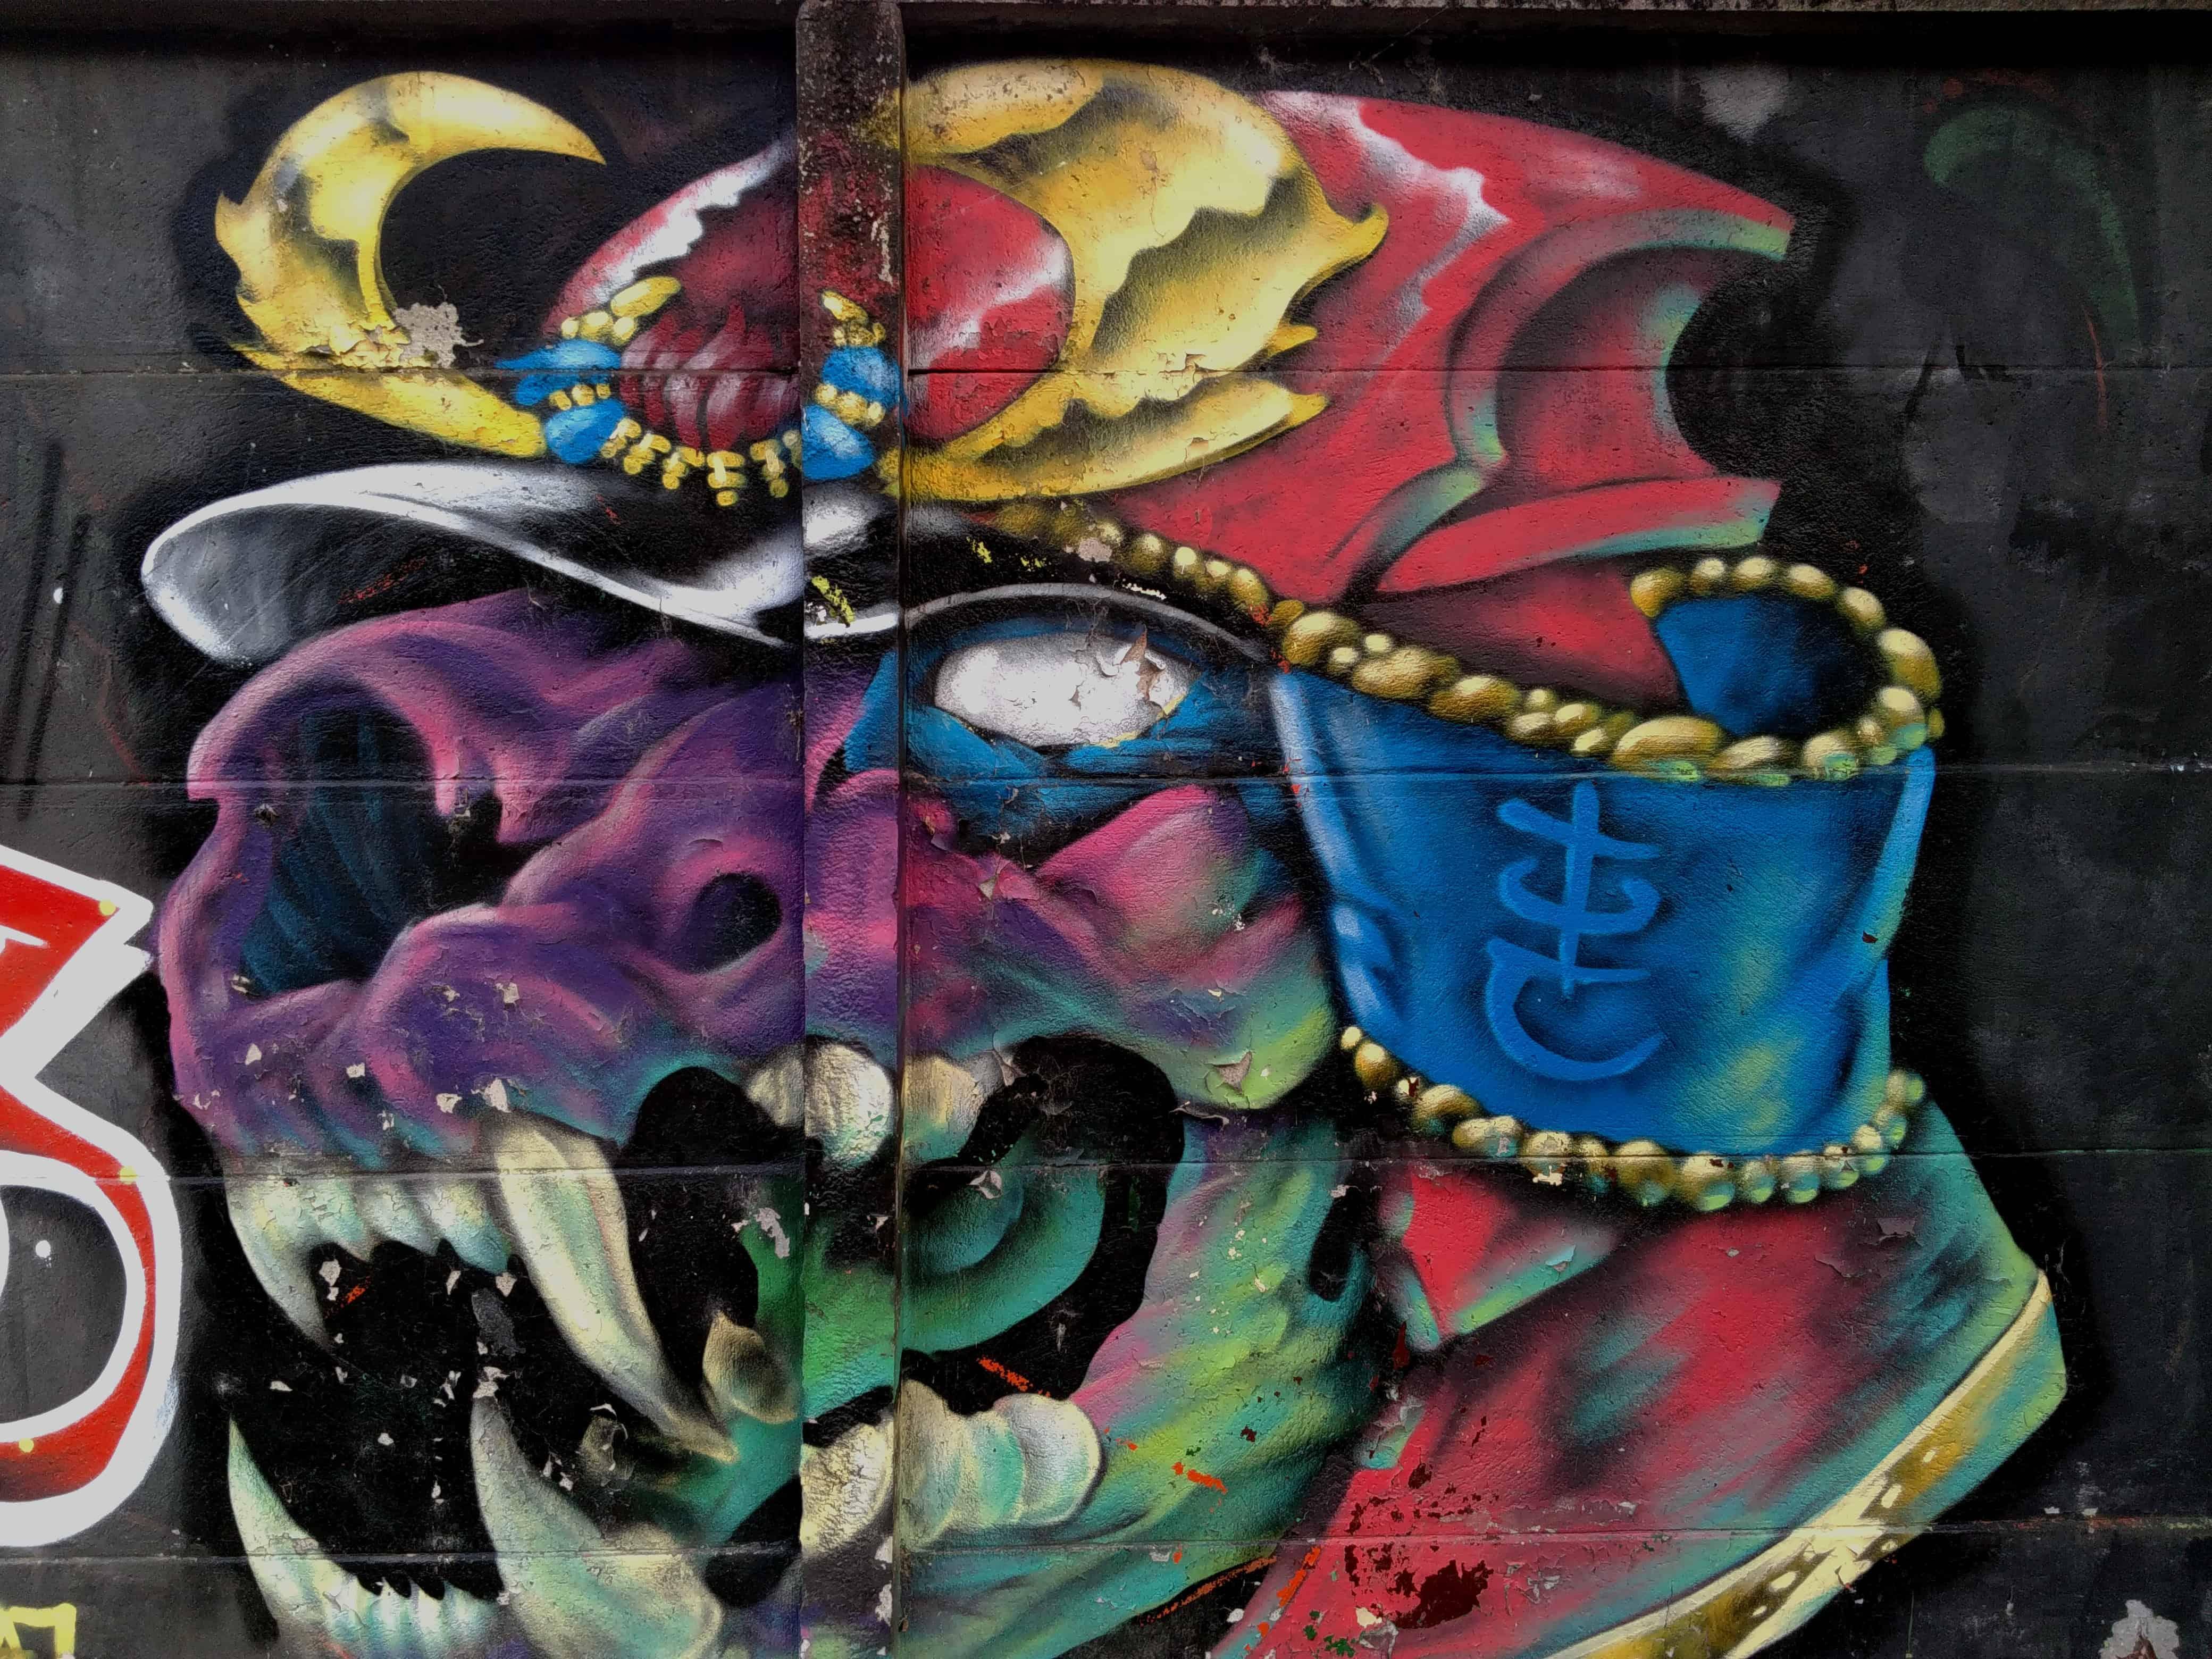 Graffiti Colorful Art Mask Animal Wall